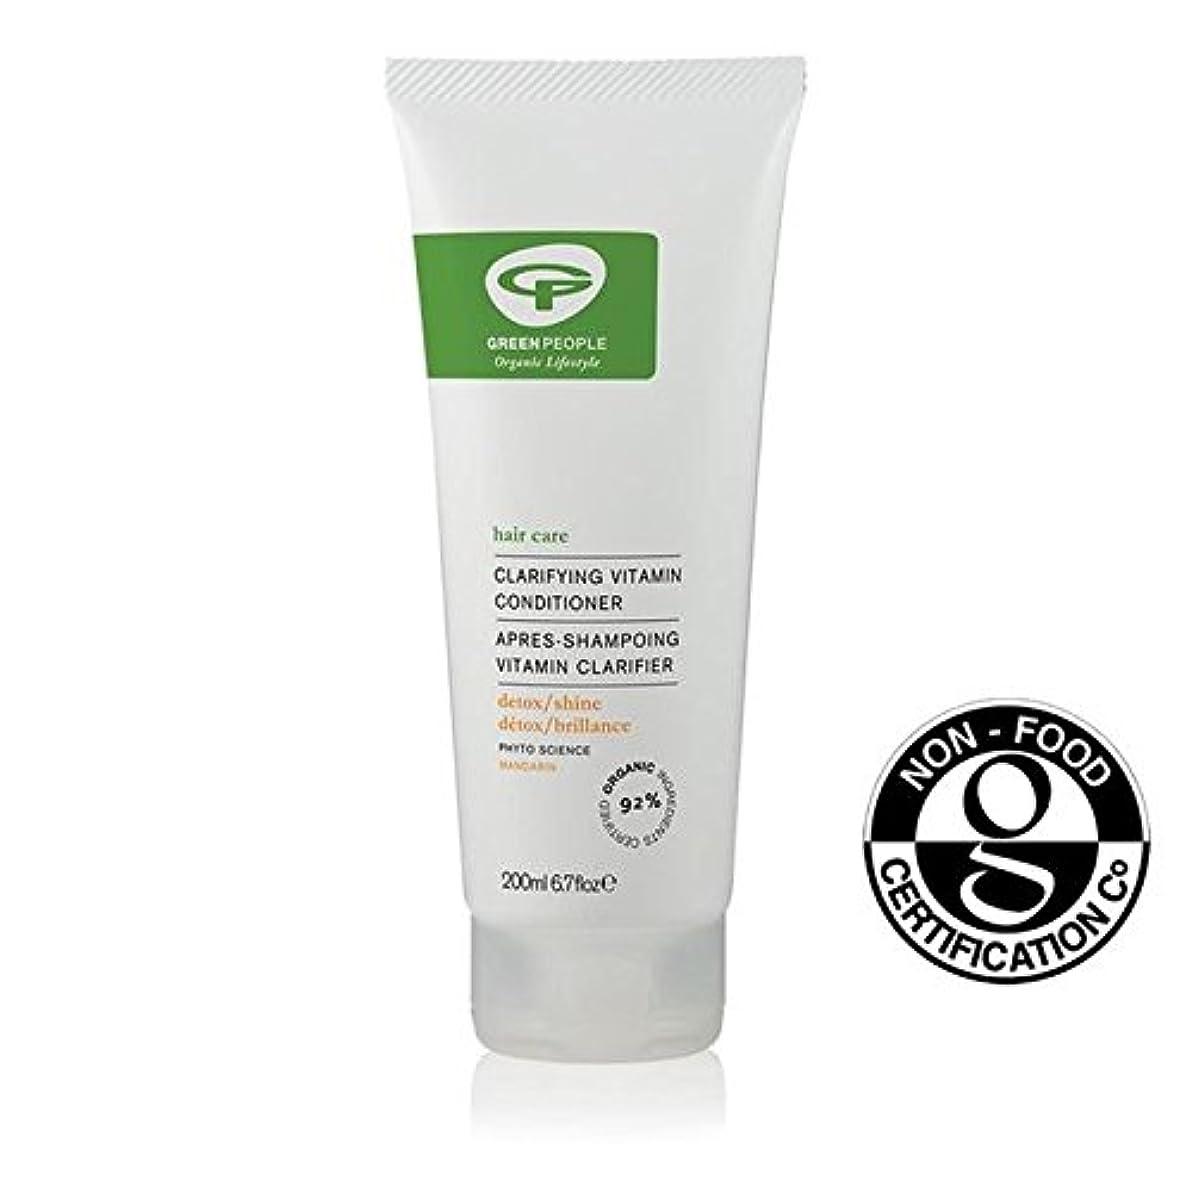 評決意外厄介な緑の人々の有機明確ビタミンコンディショナー200 x4 - Green People Organic Clarifying Vitamin Conditioner 200ml (Pack of 4) [並行輸入品]